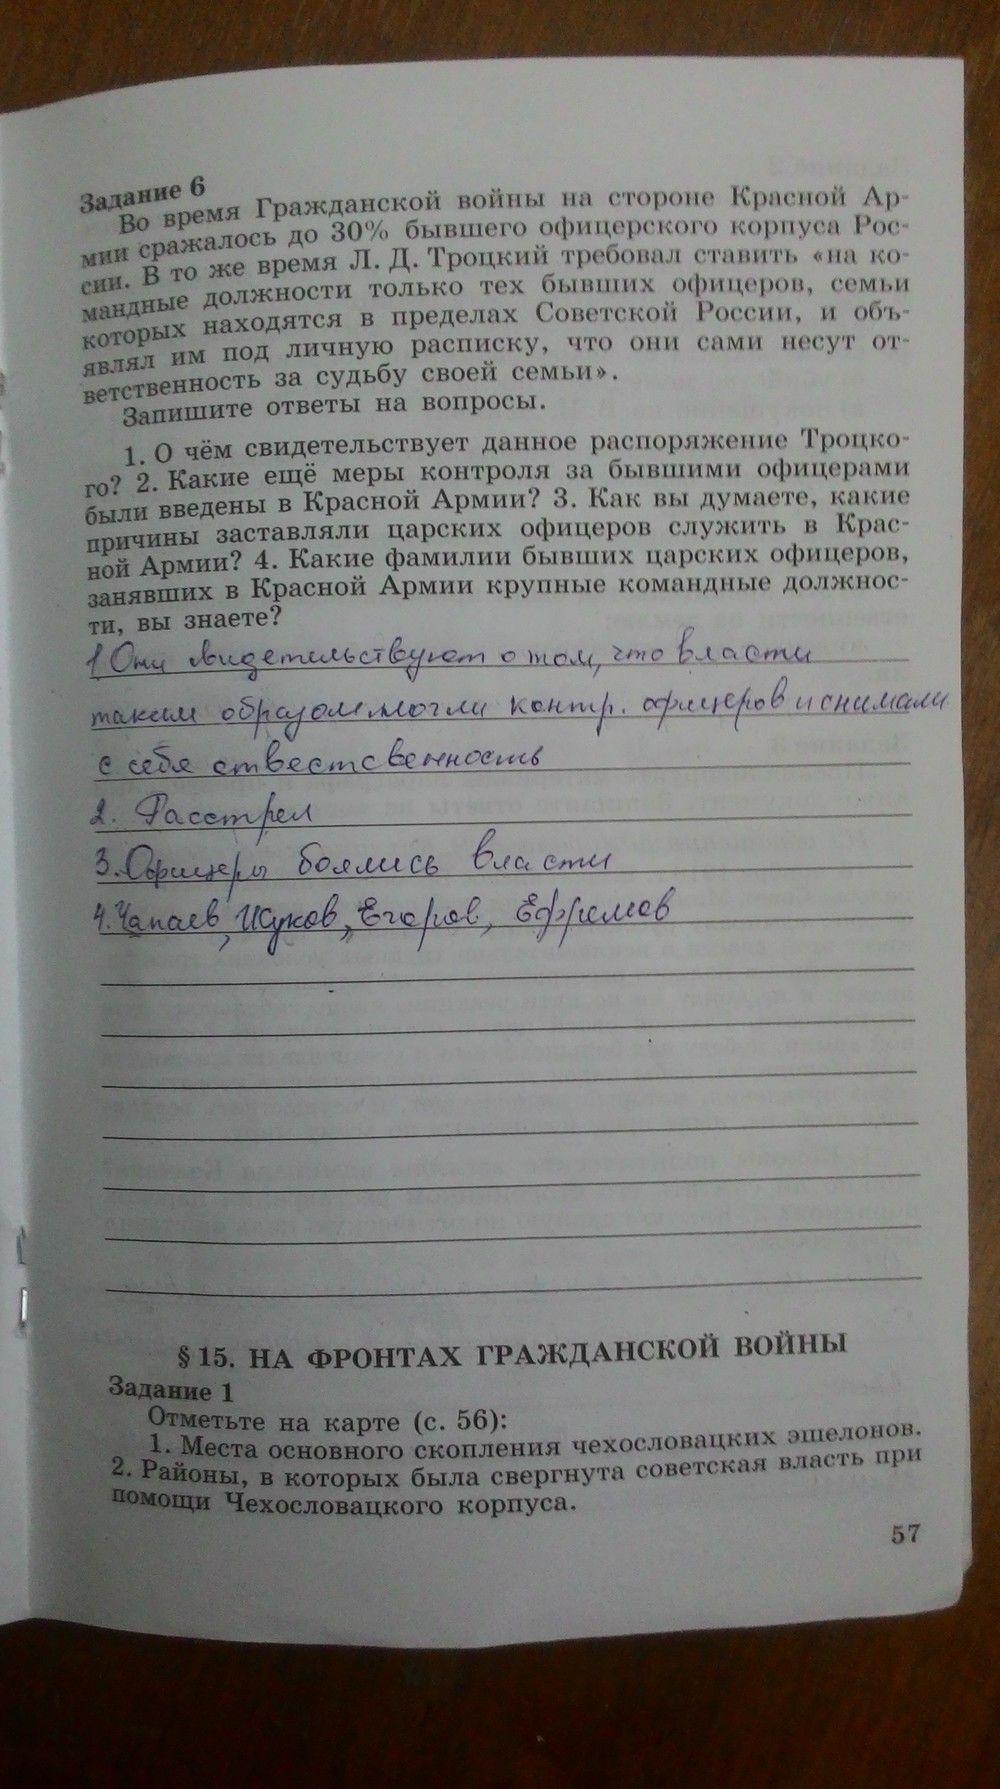 Гдз 9 класс география украины стадник